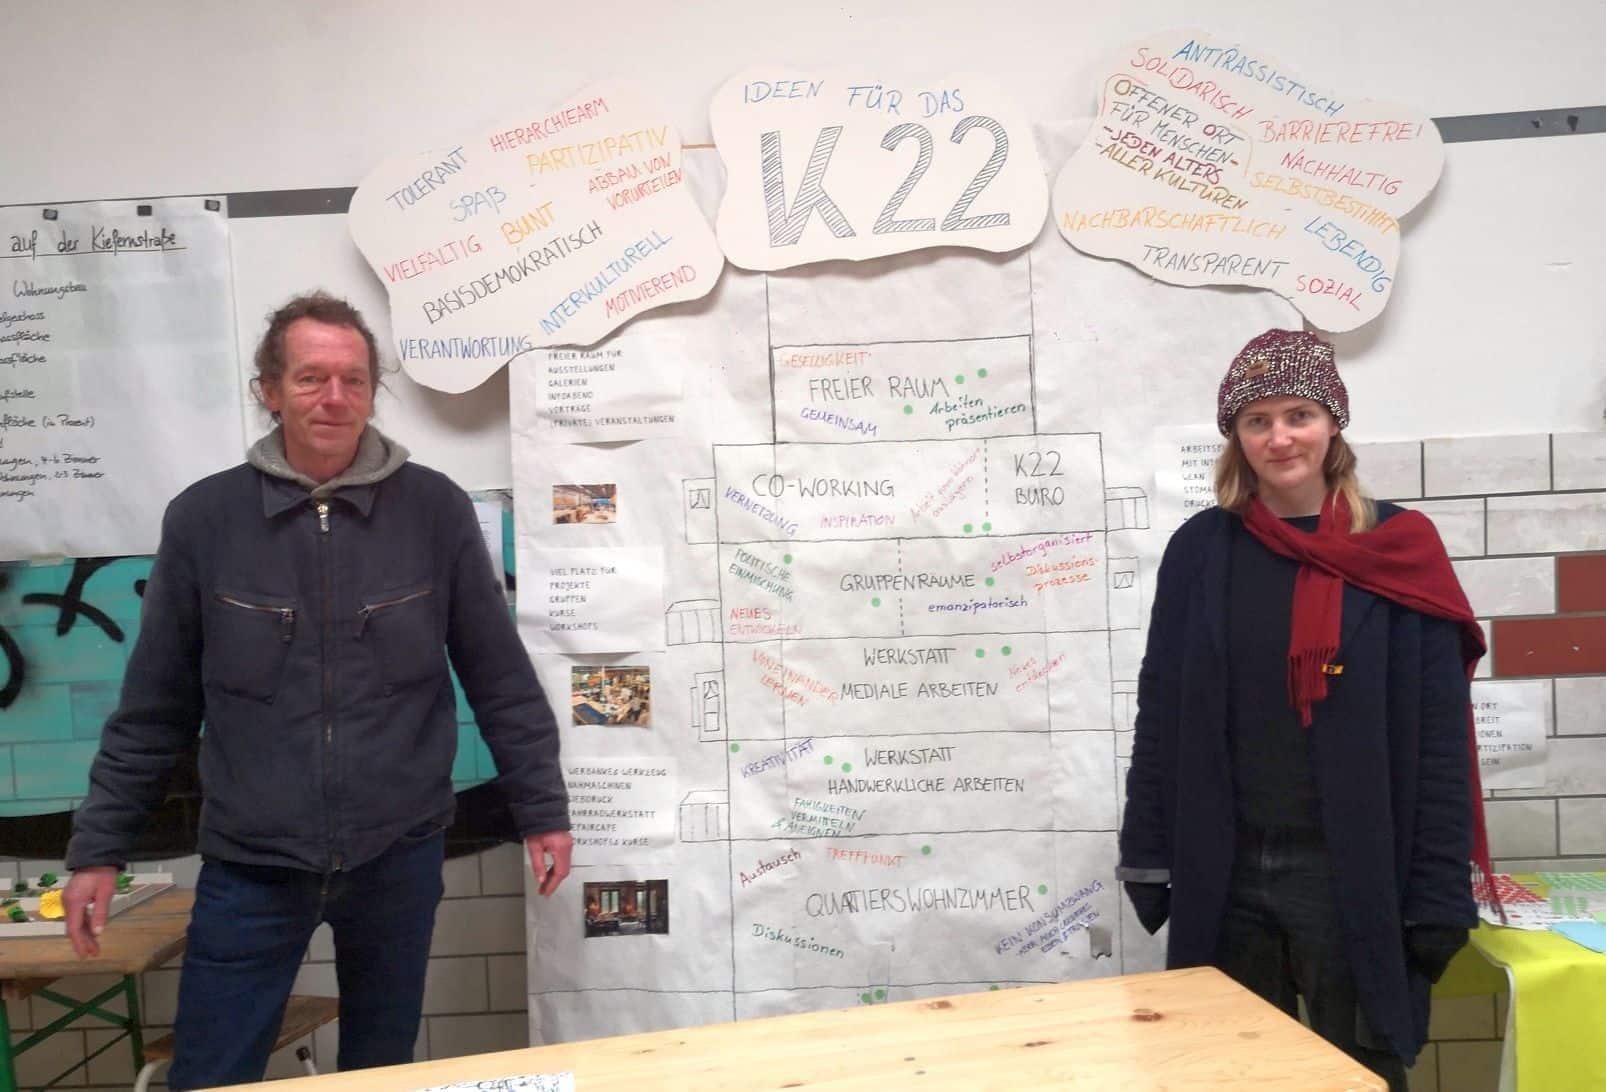 Harald Schwenk und Leonie Wendel von der Planwerkstatt 378 (Foto: M. Diederichs)